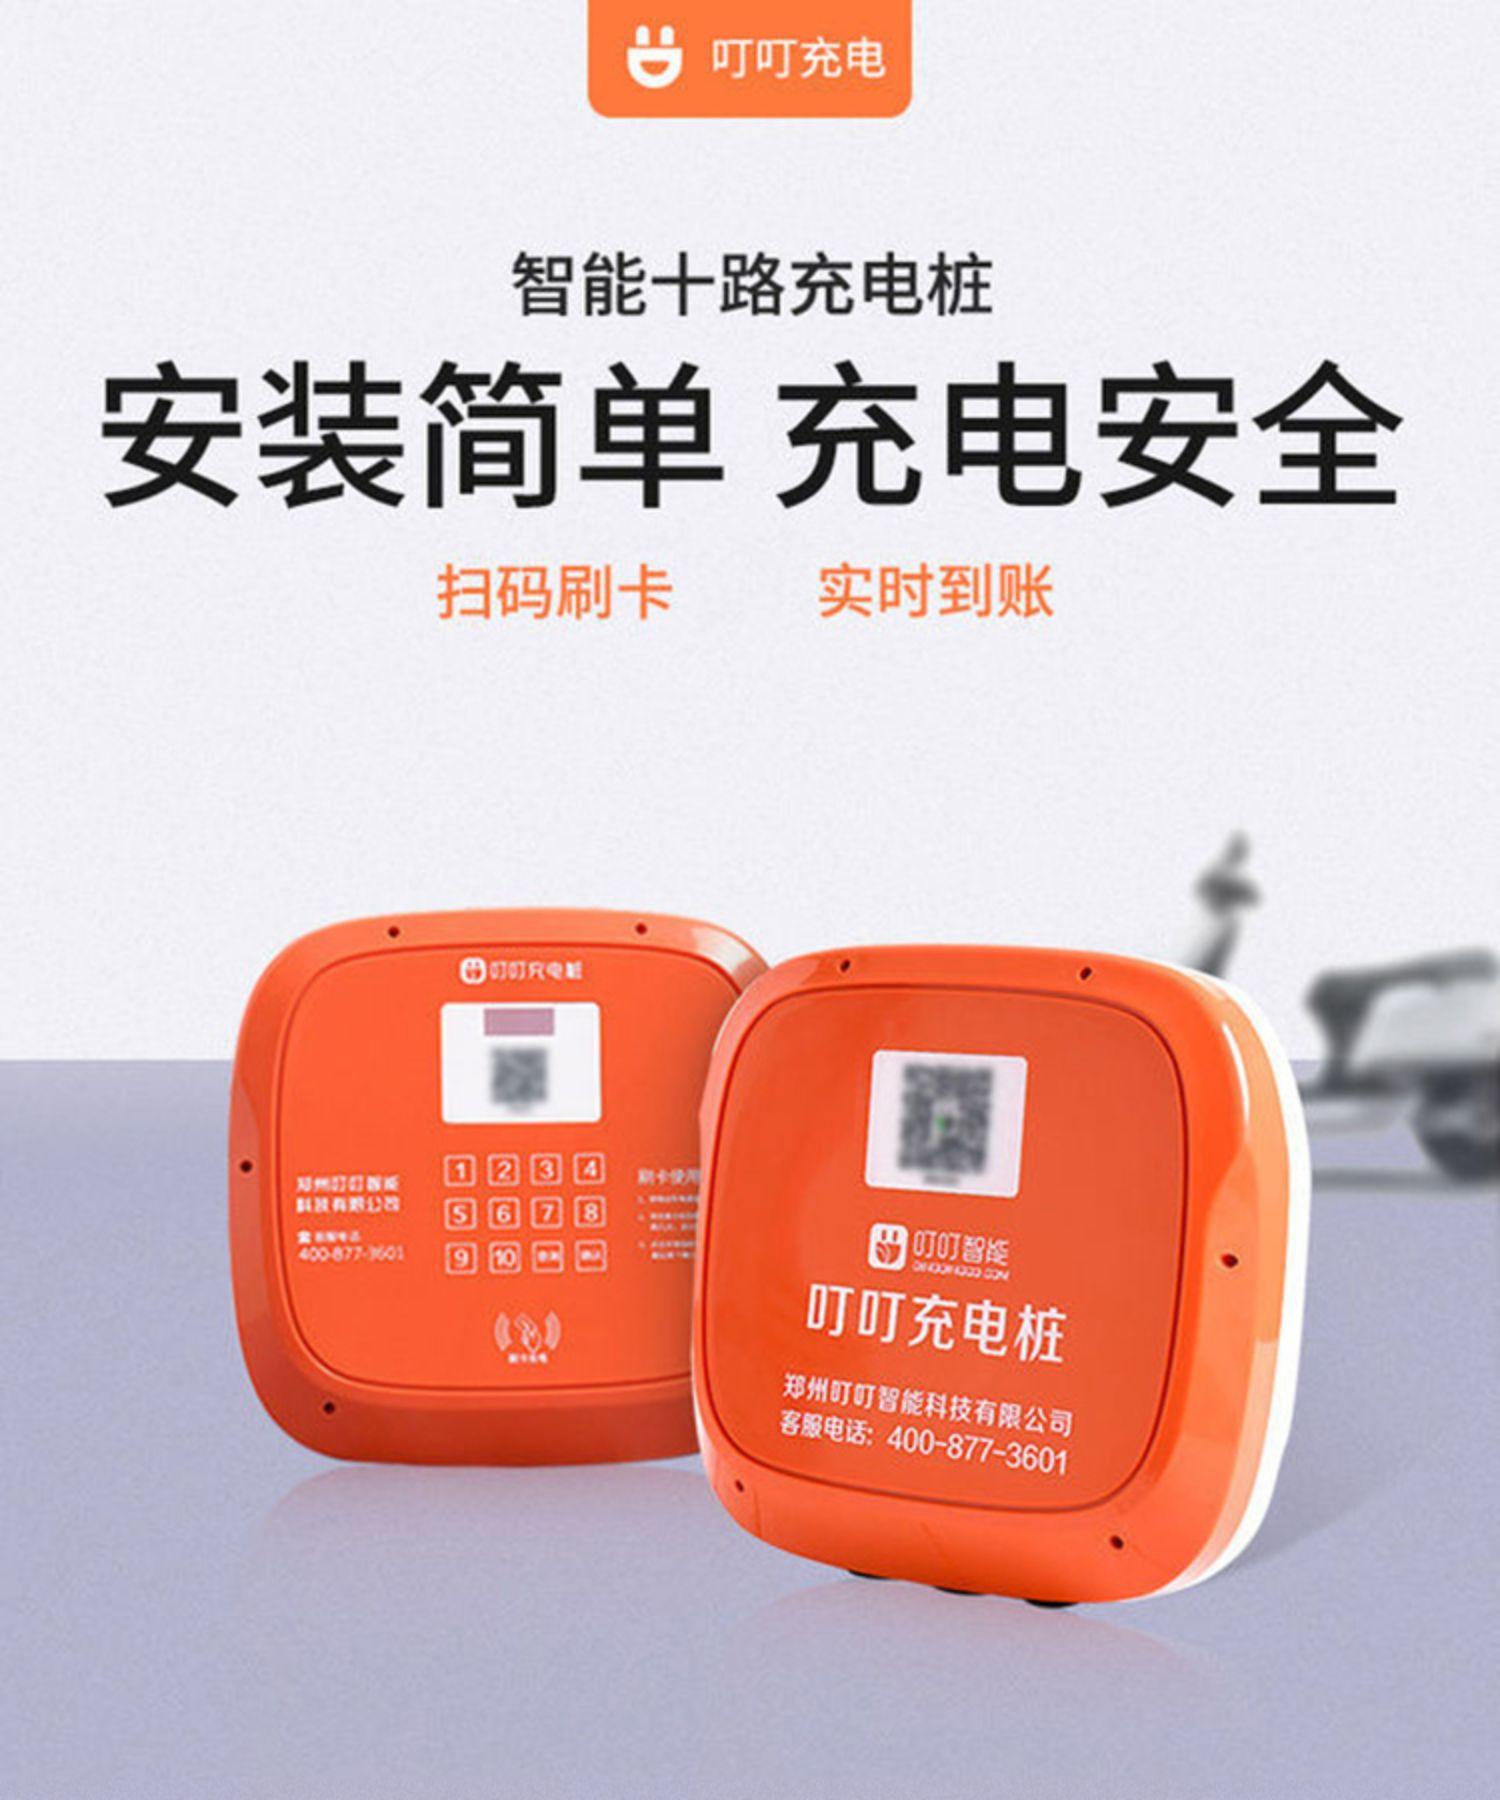 安装智能电瓶车充电桩有哪些优势?